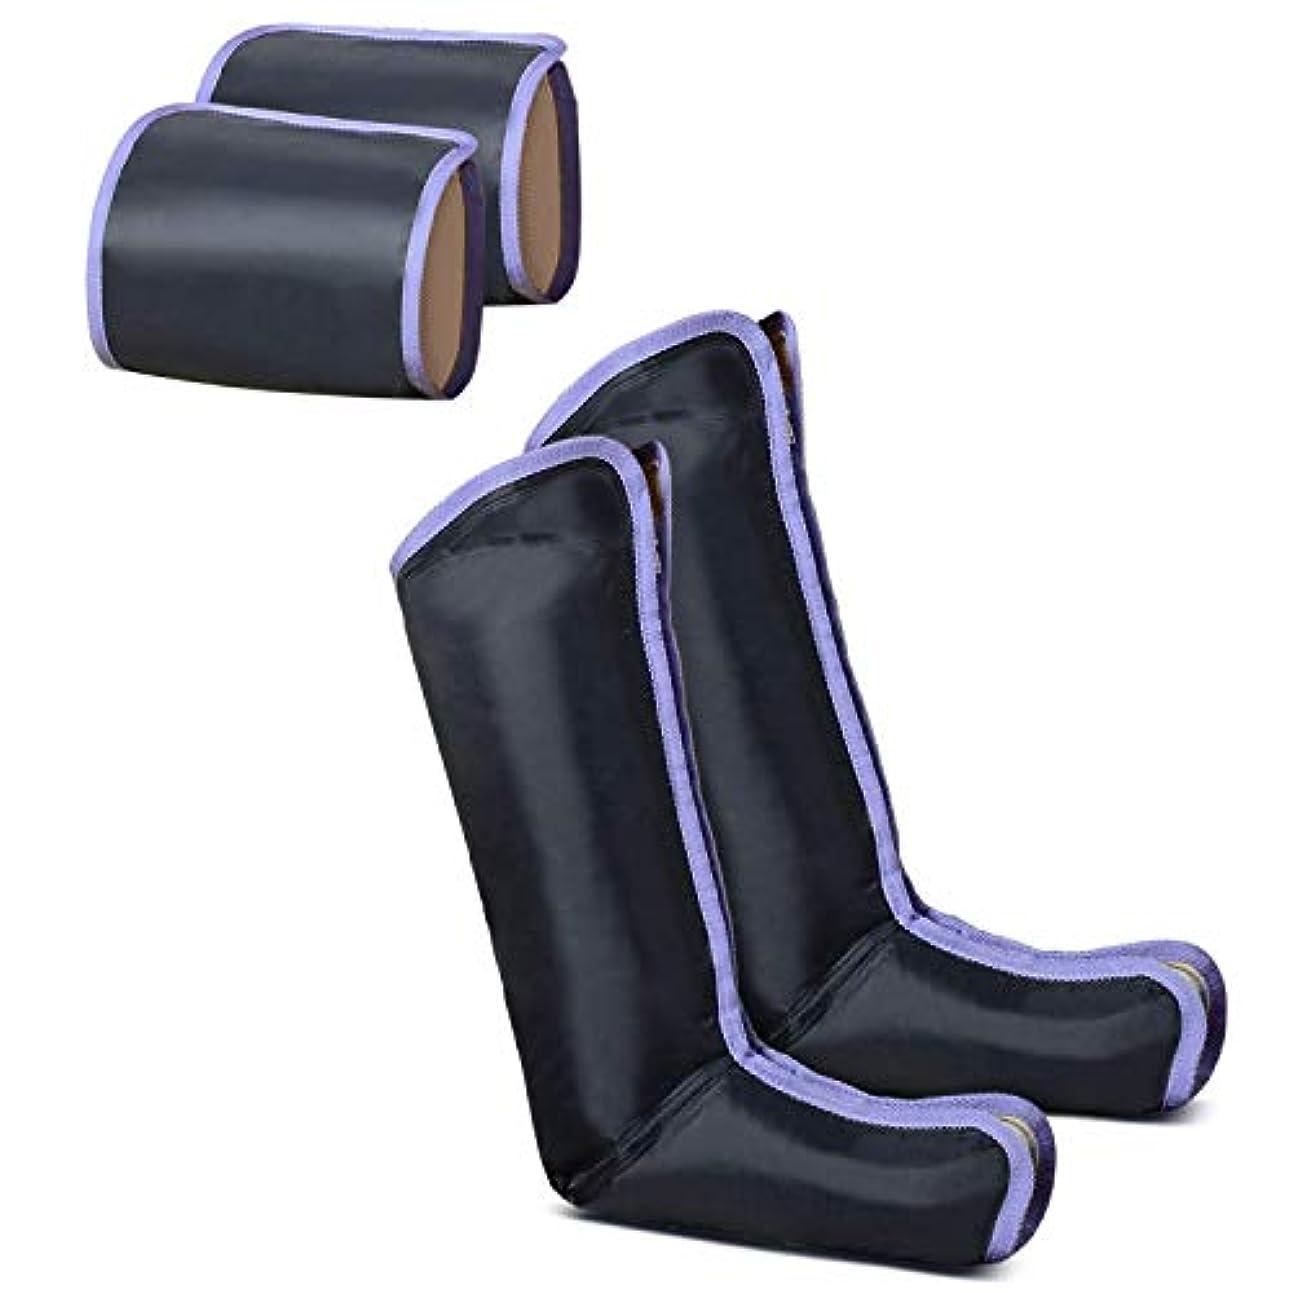 苦しめる薬整理するFITIC  エアーマッサージャー レッグリフレ ひざ/太もも巻き対応 空気圧縮 温感機能搭載  一年保証